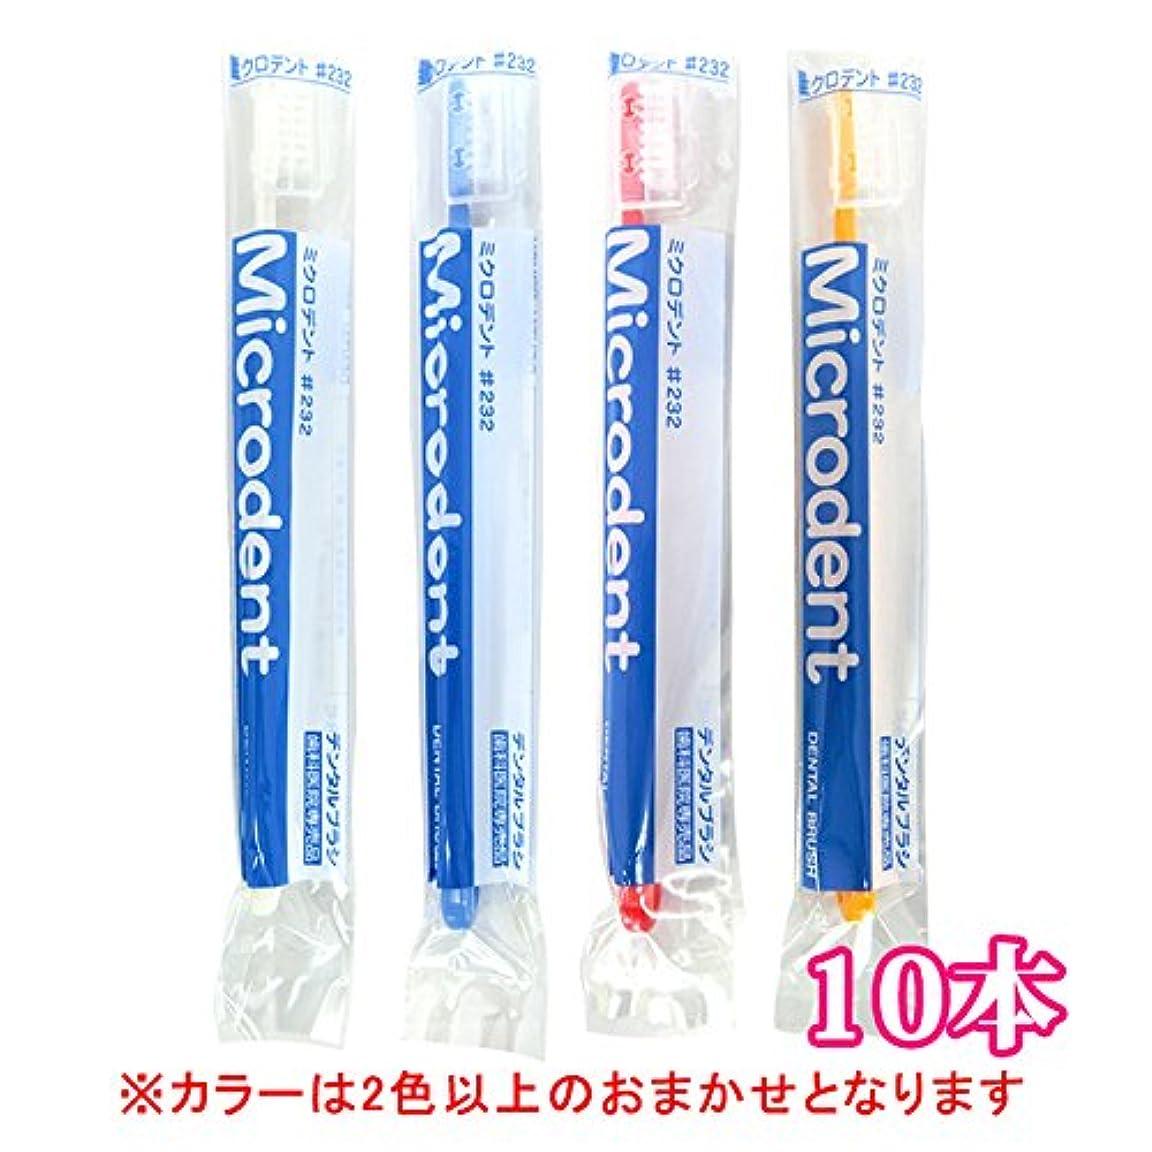 会員収縮発掘するミクロデント(Microdent) 10本 (#232)【毛の硬さ:ふつう】歯科専売品